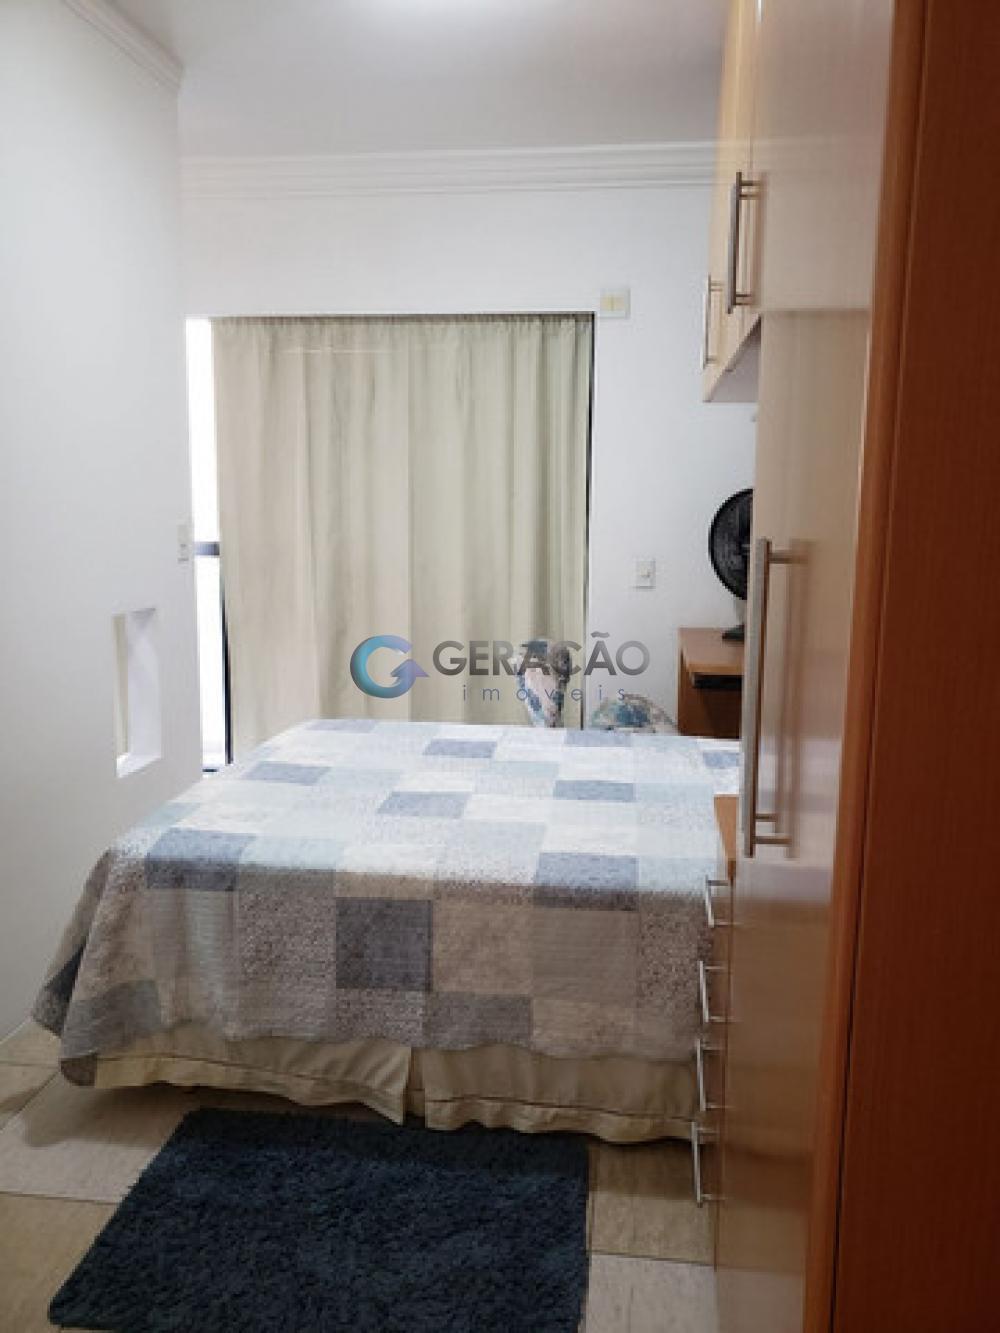 Comprar Apartamento / Flat em São José dos Campos apenas R$ 310.000,00 - Foto 6